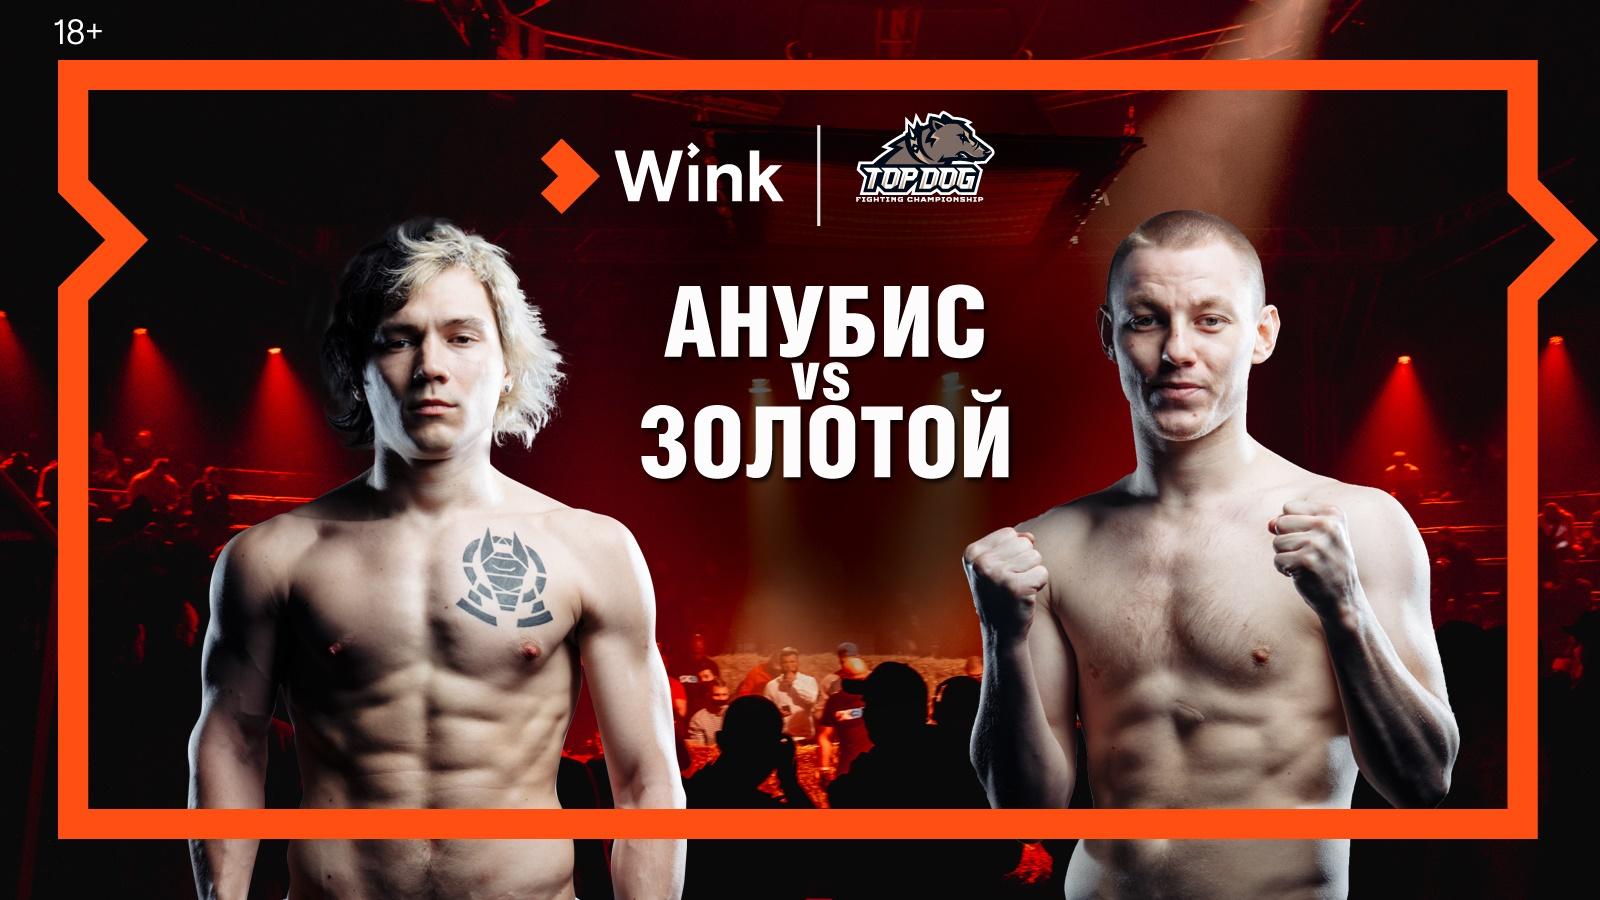 16 апреля в Wink впервые в прямом эфире кулачные бои TOP DOG